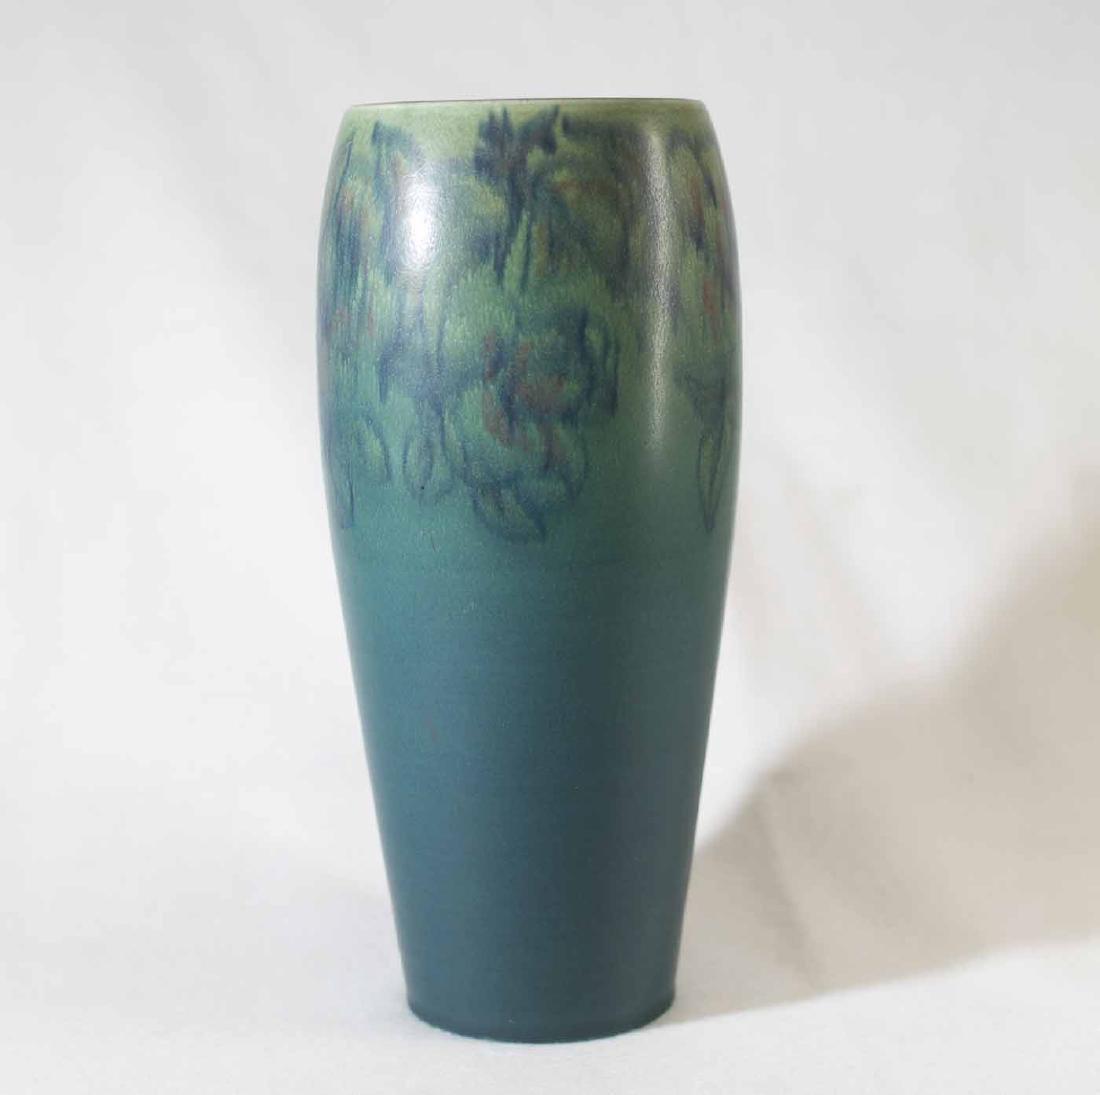 1925 Cora Crofton Rookwood Vase - 2